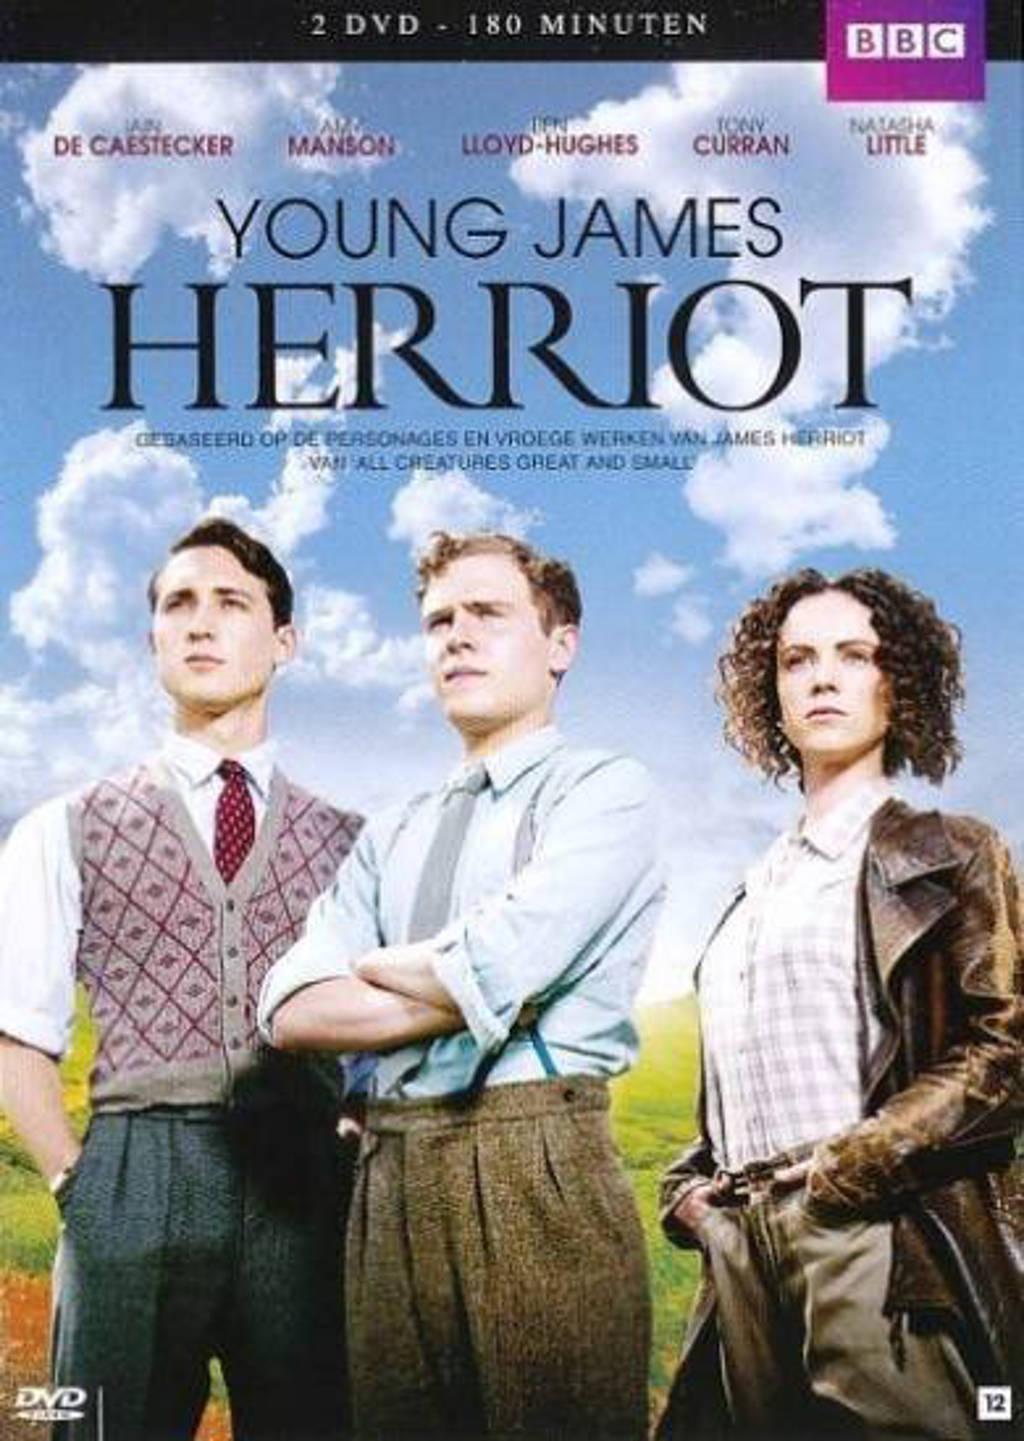 Young James Herriot (DVD)